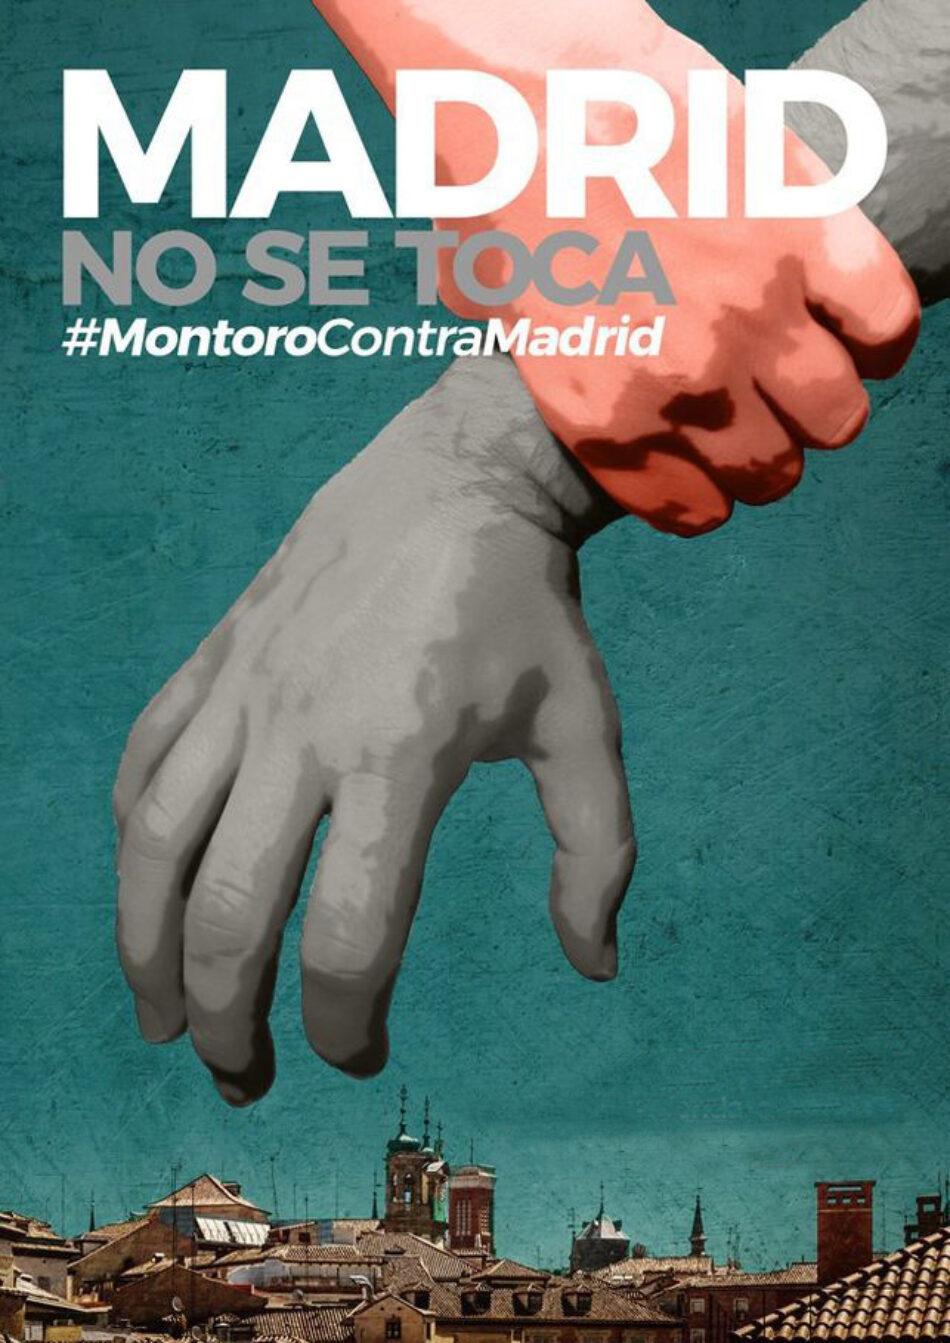 Madrid No Se Toca: la sociedad civil se mueve contra los recortes de Montoro y en defensa de la autonomía municipal